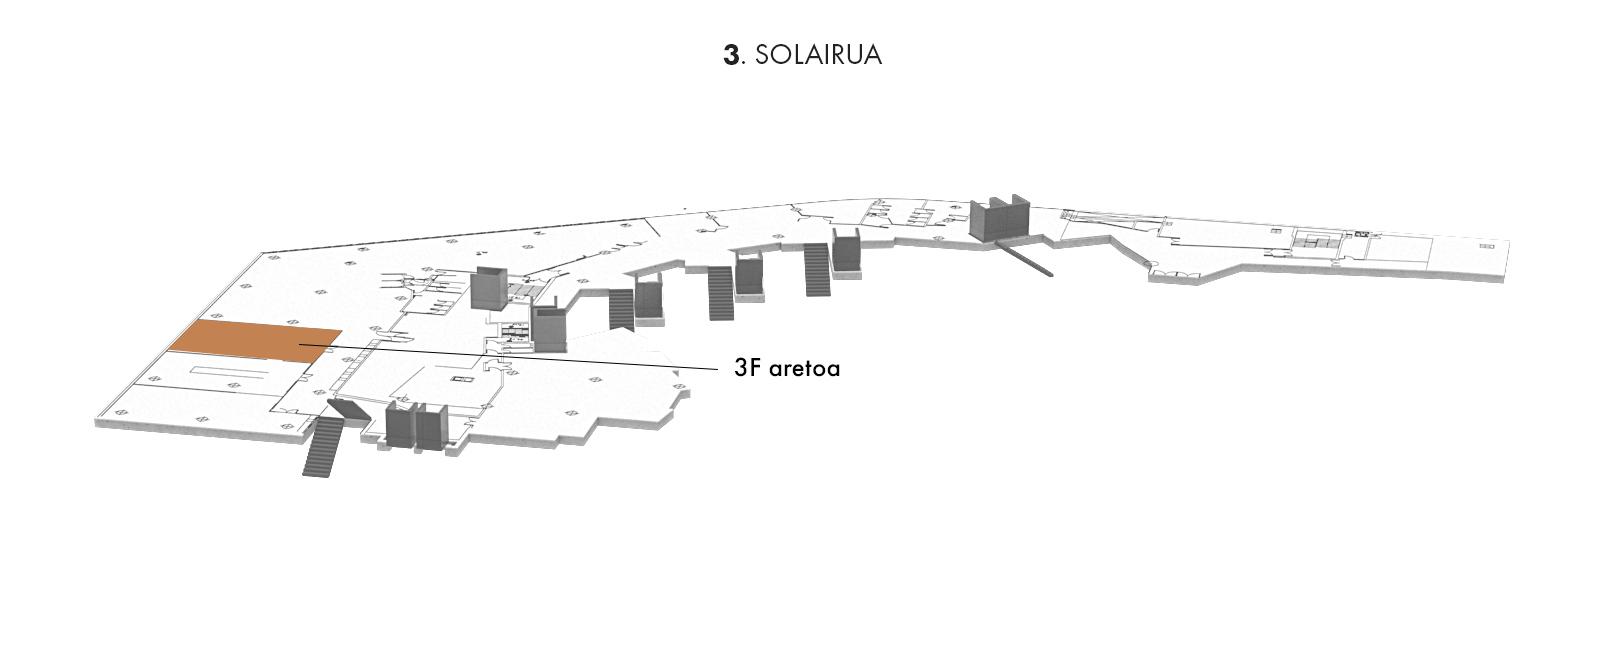 3F aretoa, 3. solairua   Palacio Euskalduna Jauregia